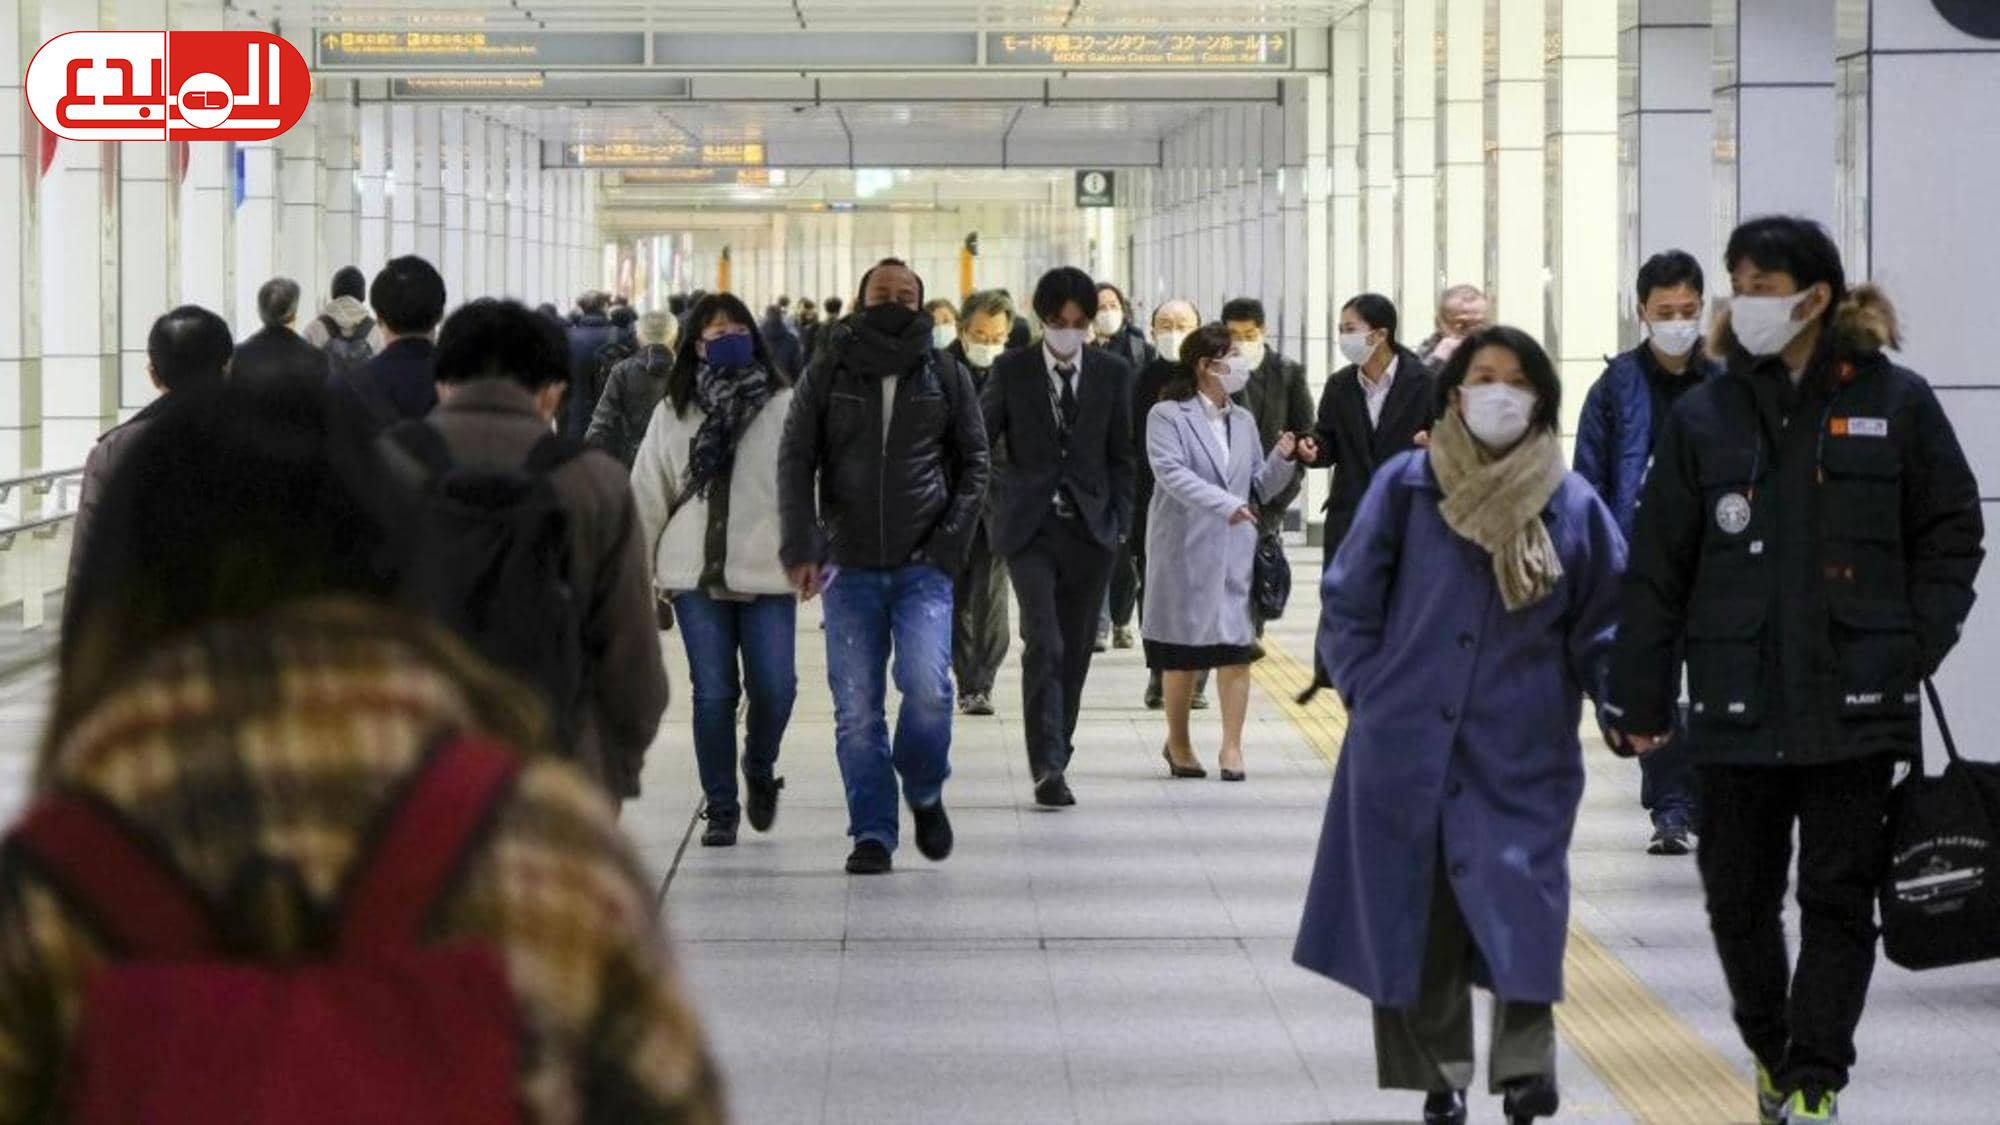 اليابان تعلن اكتشاف سلالة جديدة من كورونا